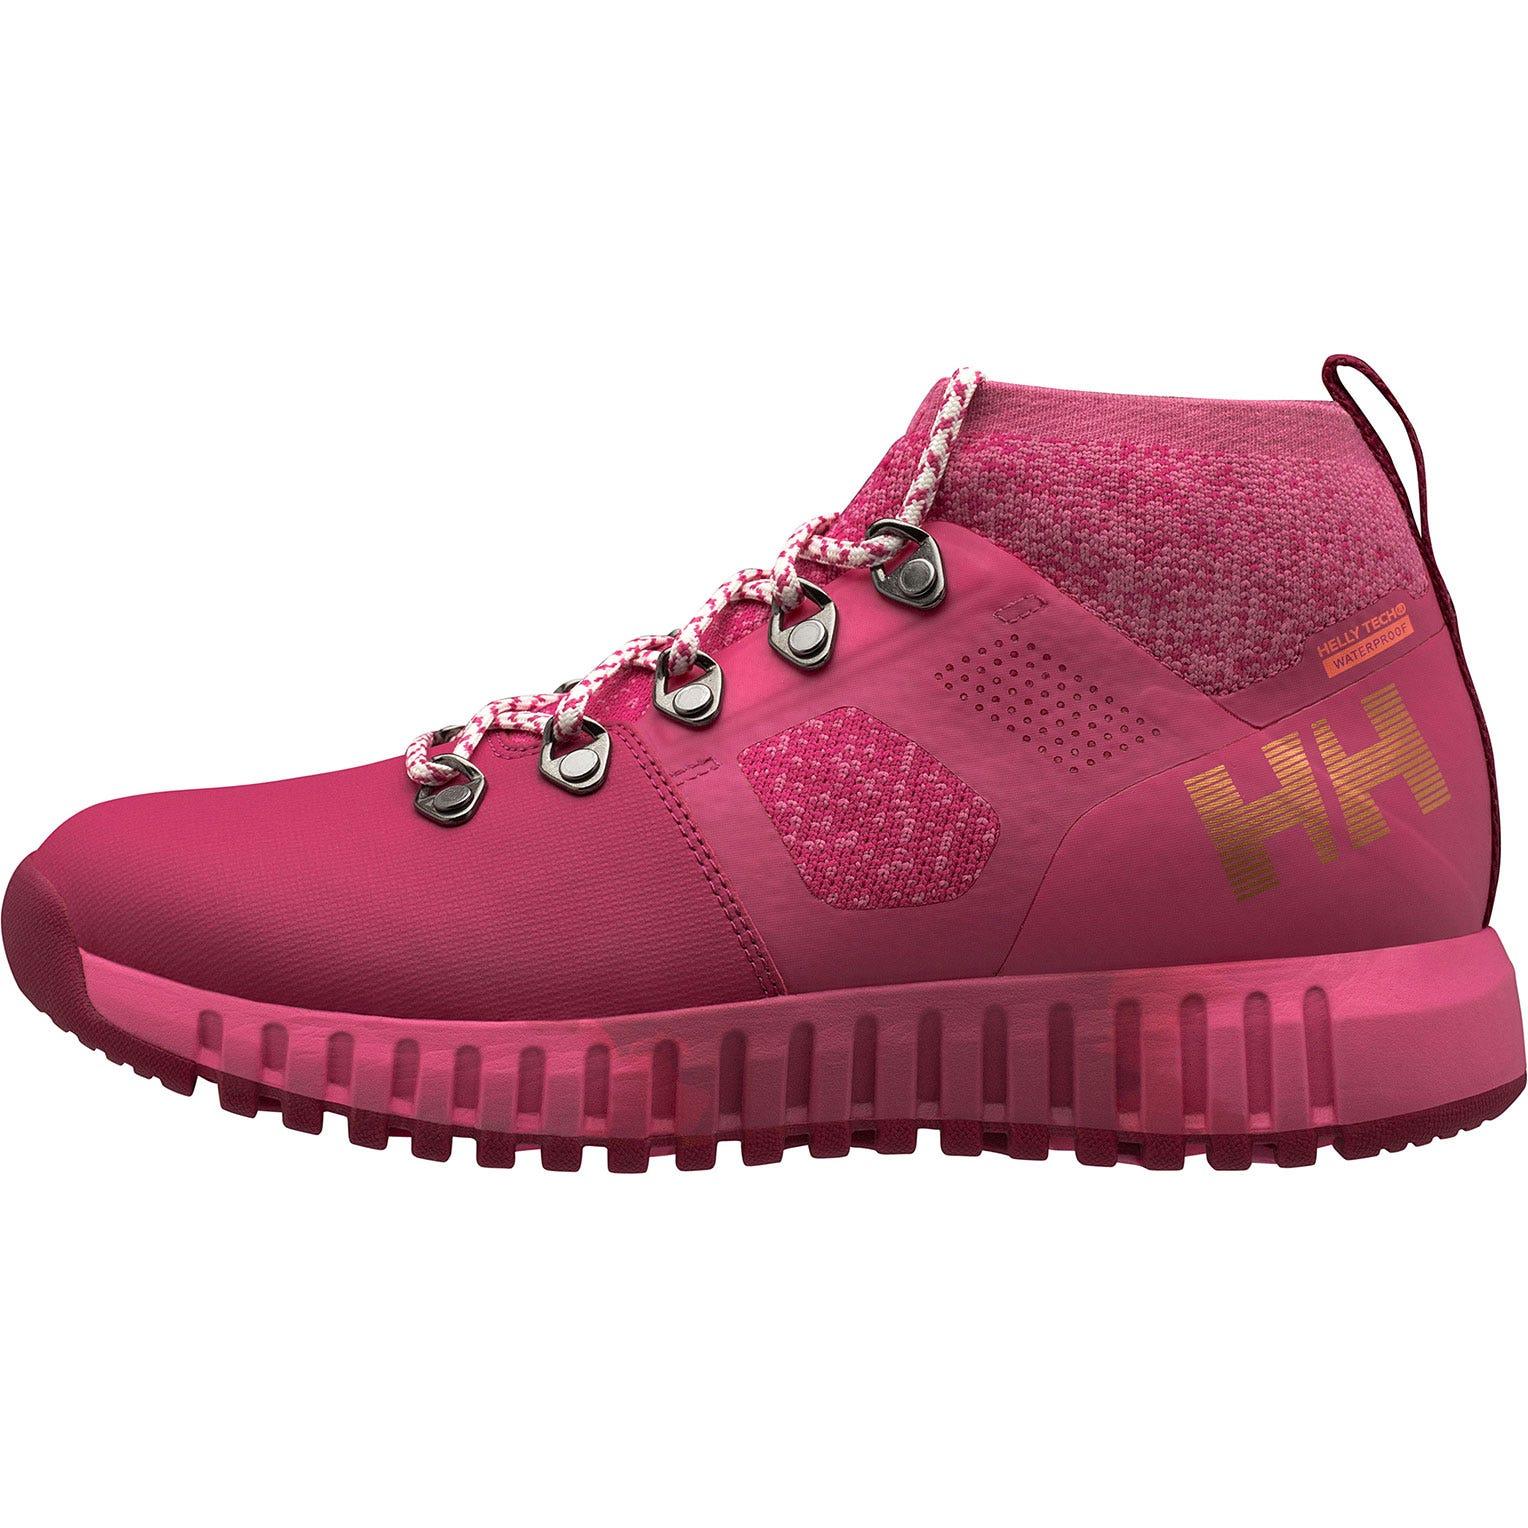 Helly Hansen W Vanir Canter Ht Womens Hiking Boot Pink 39.3/8